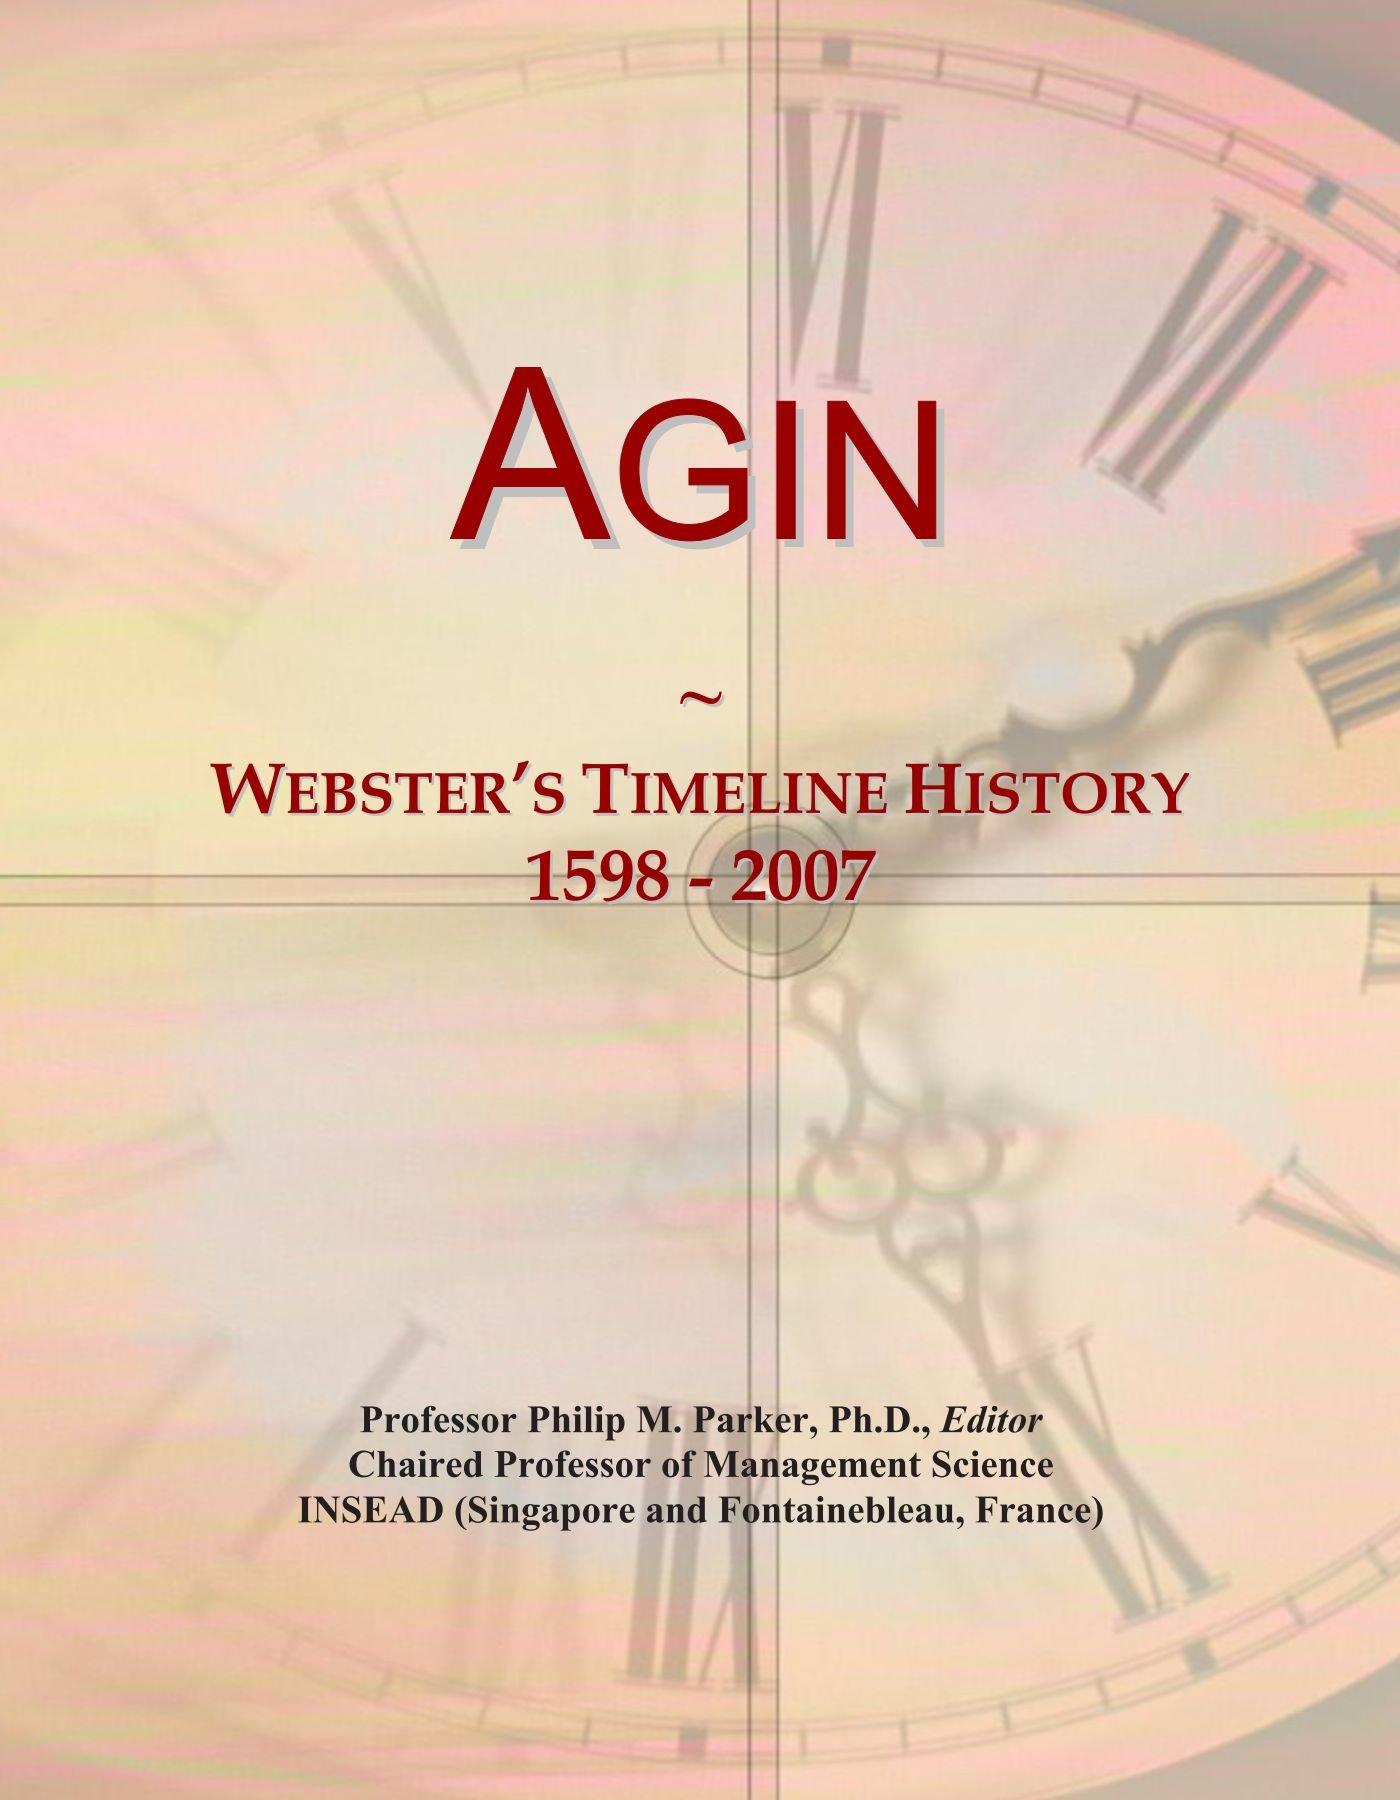 Agin: Webster's Timeline History, 1598 - 2007 pdf